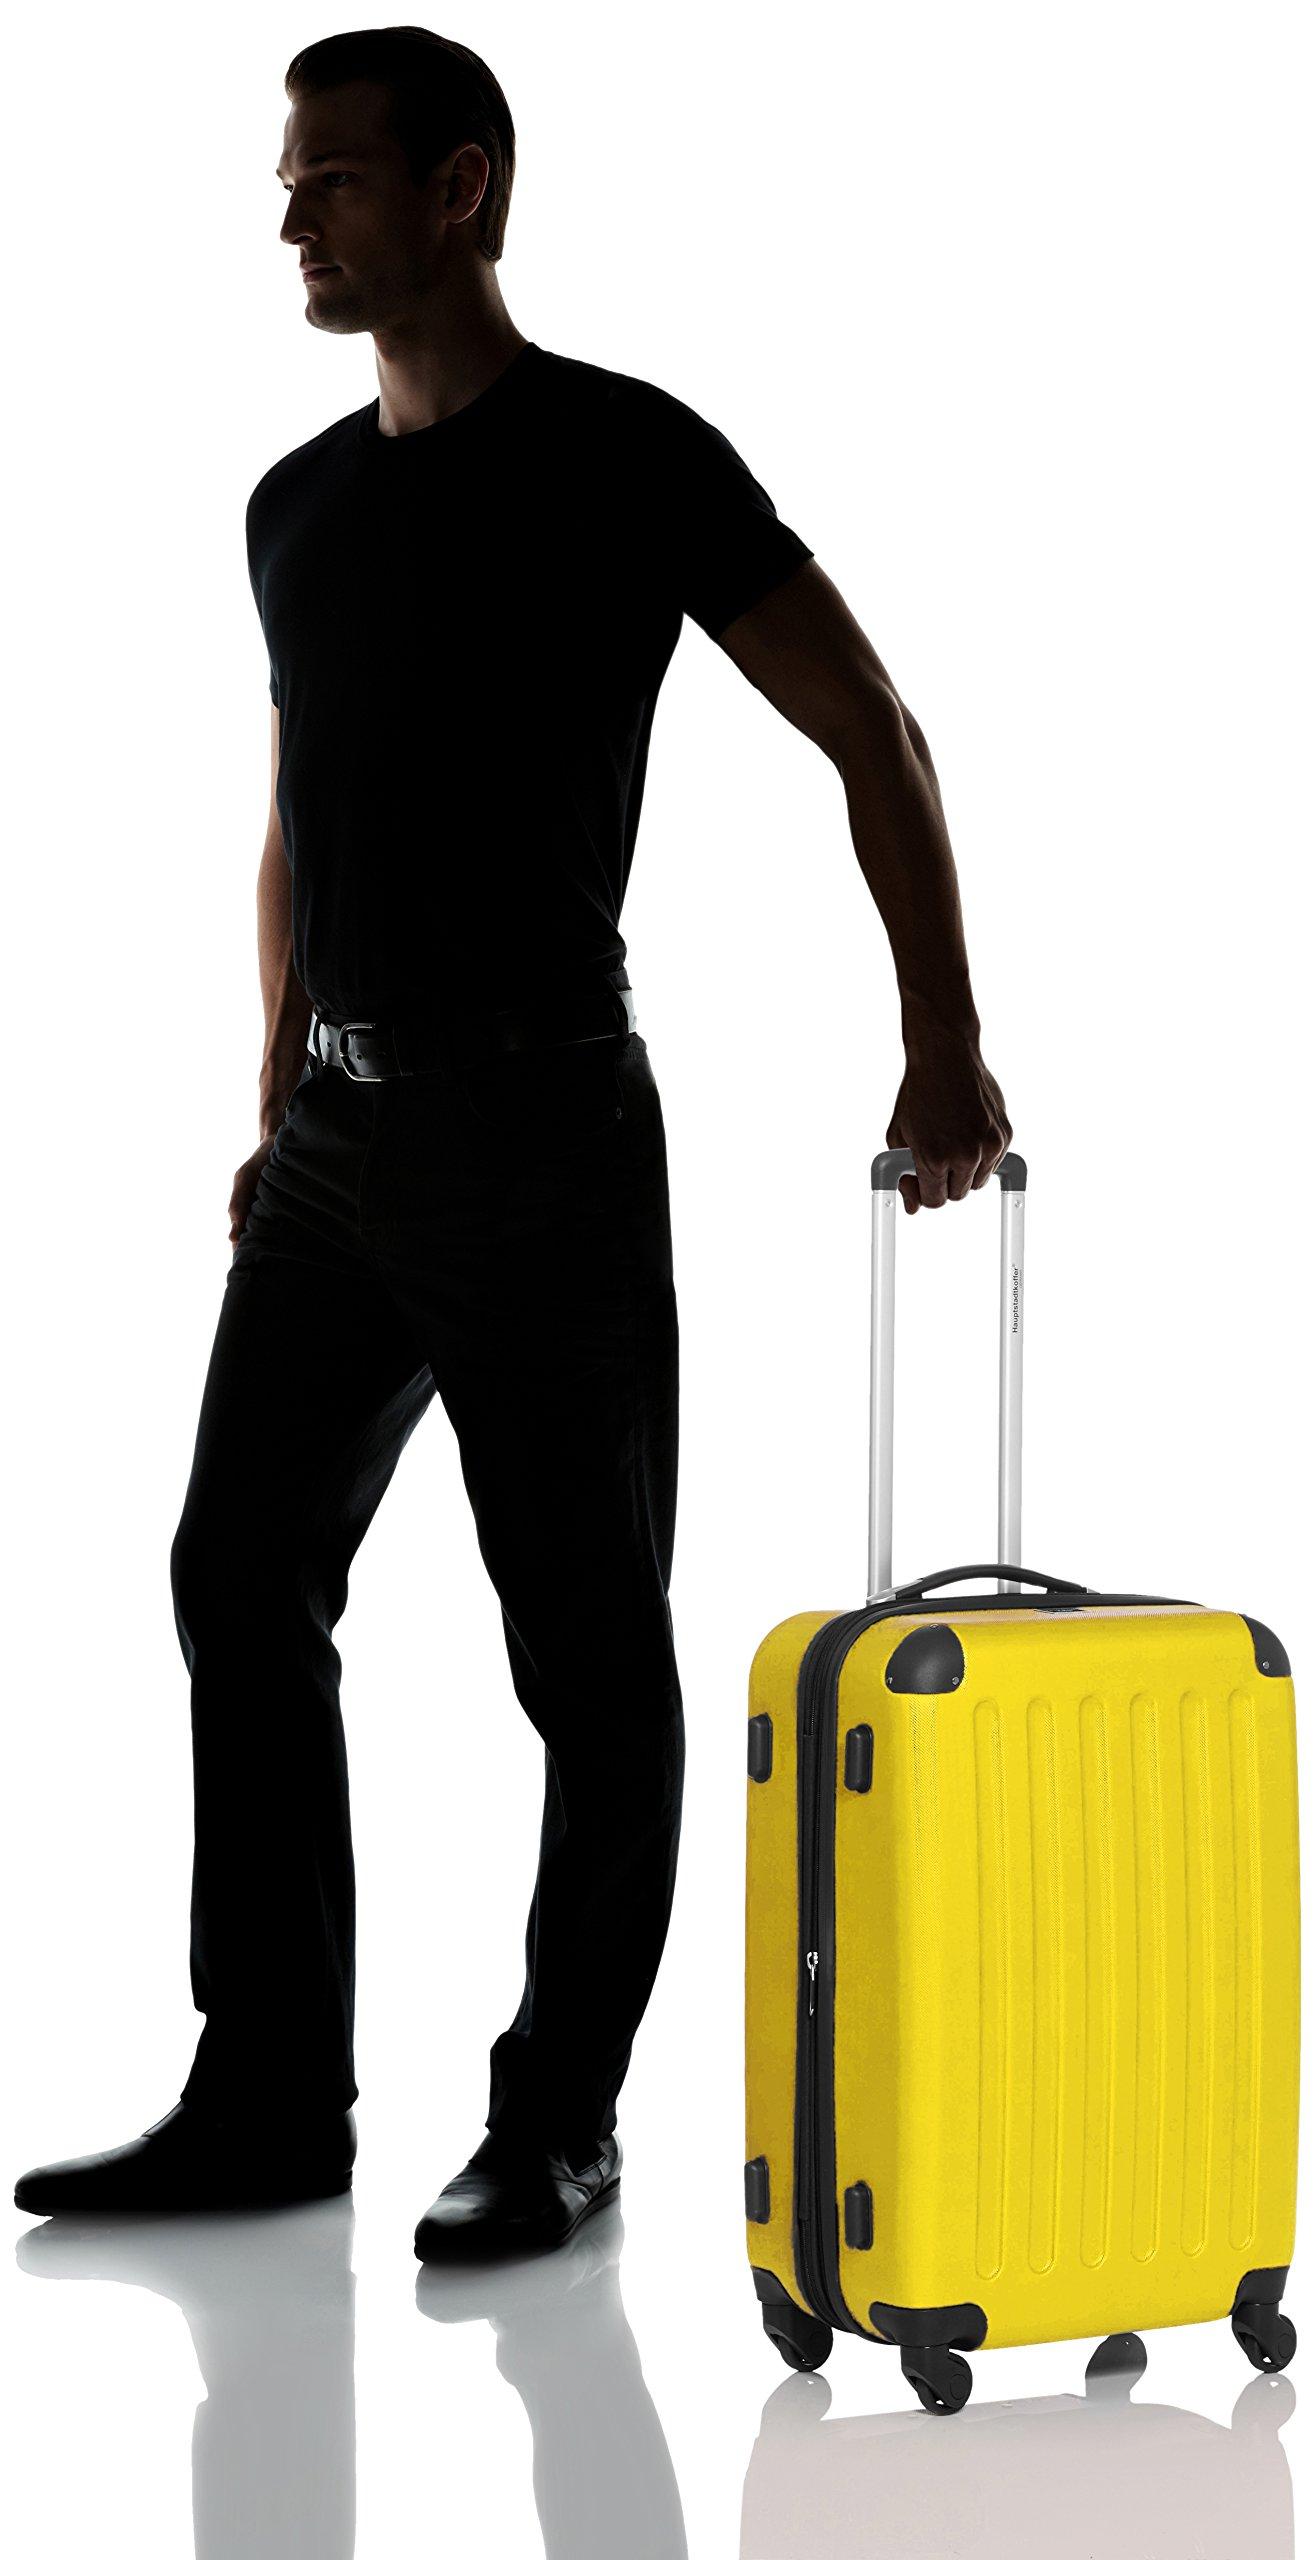 Hauptstadtkoffer-Spree-Hartschalen-Koffer-Koffer-Trolley-Rollkoffer-Reisekoffer-Erweiterbar-TSA-4-Rollen-65-cm-74-Liter-Gelb